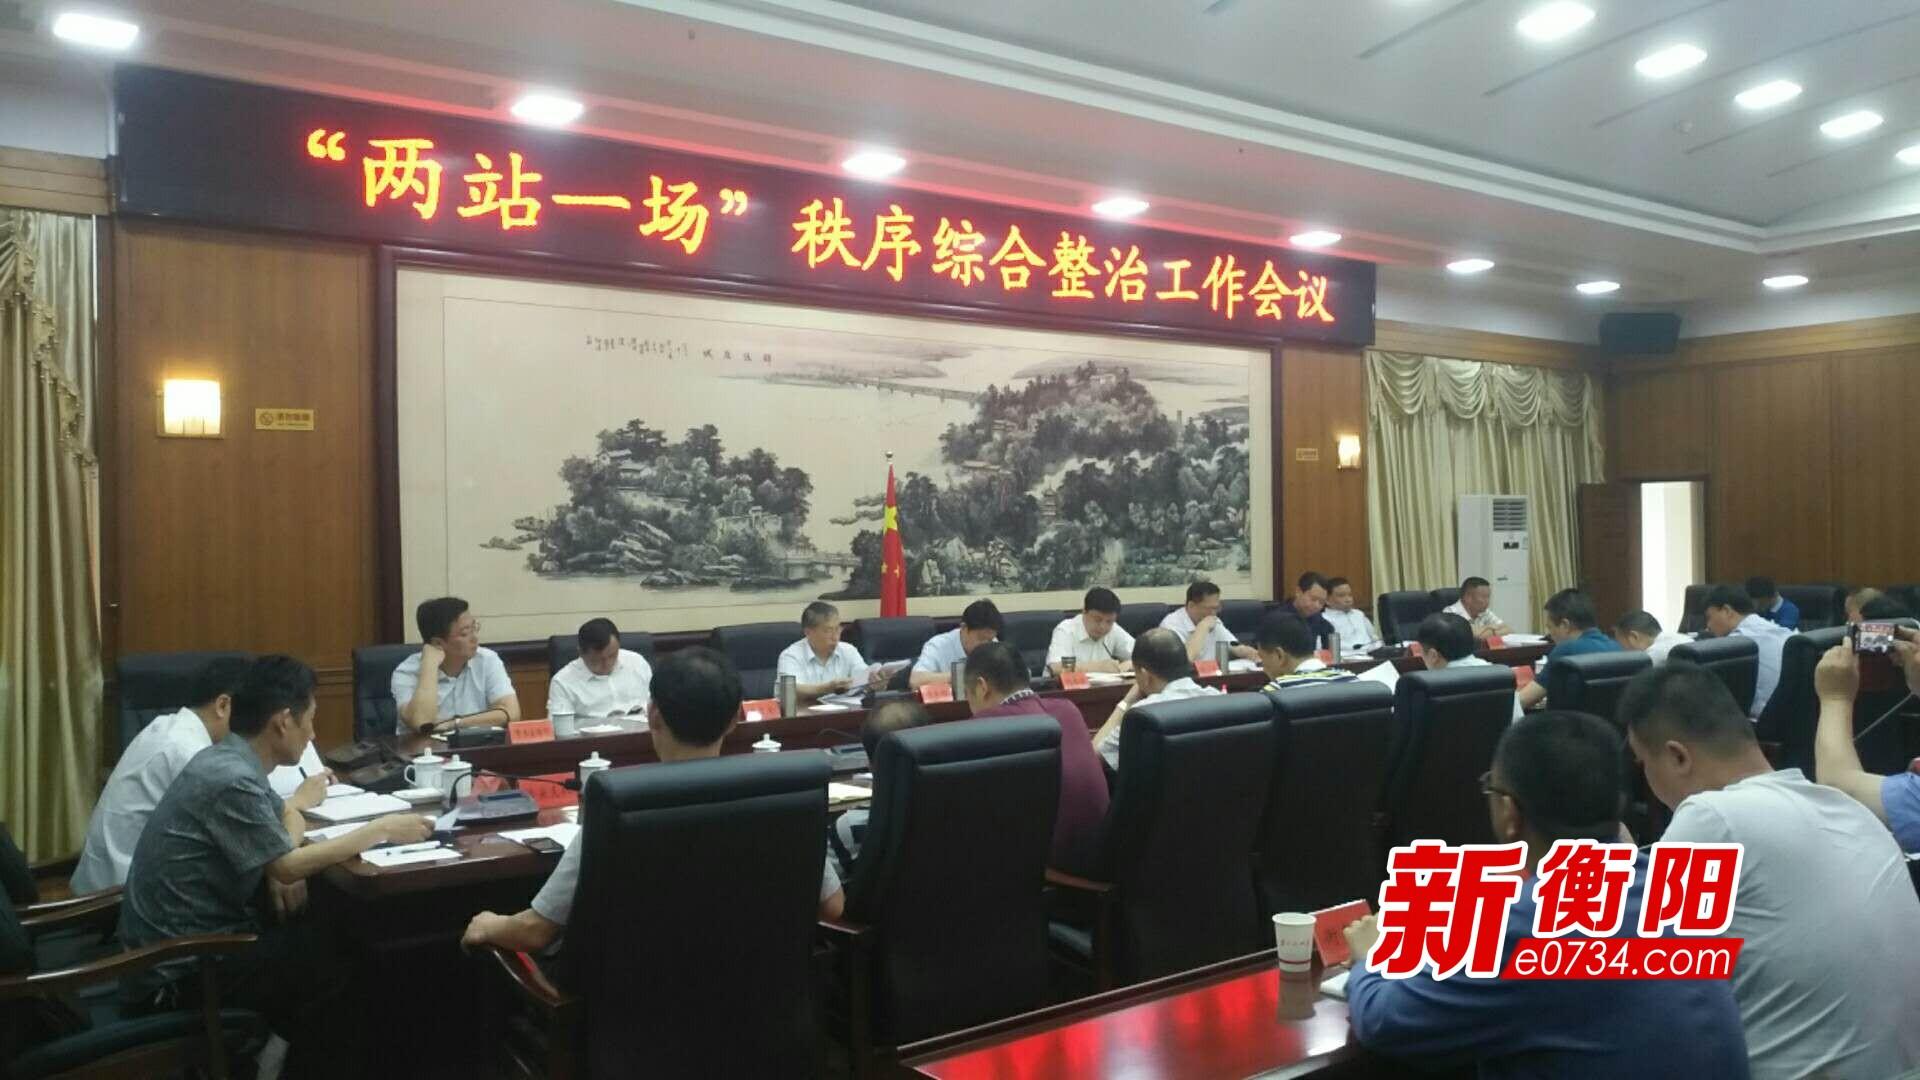 """衡阳市将继续加强""""两站一场""""秩序综合整治工作"""